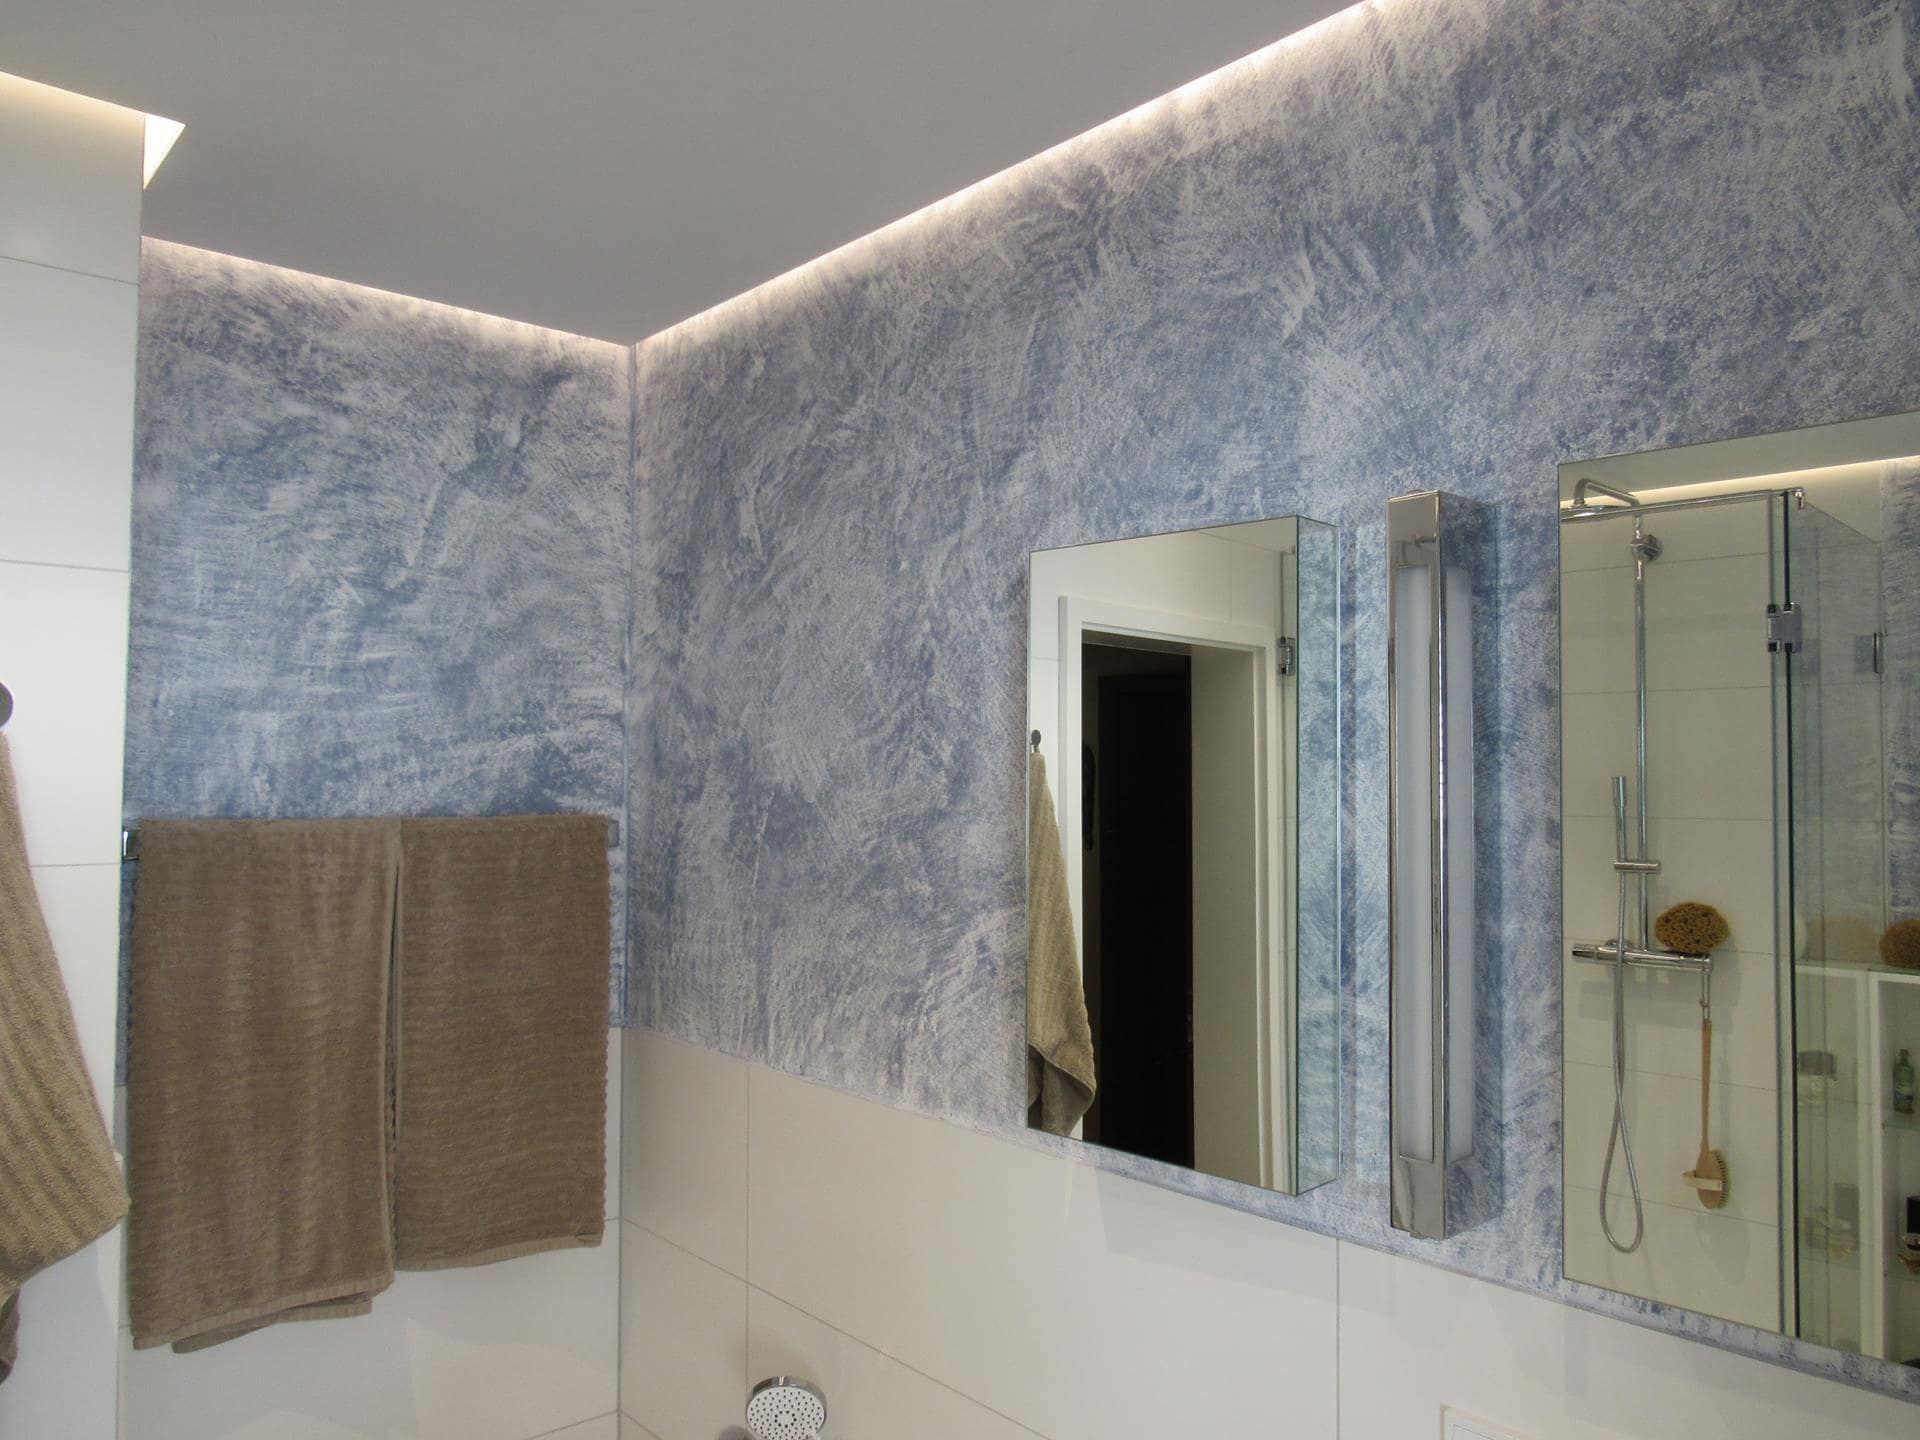 Sumpfkalkputz Im Bad Nach Kundenwunsch Gestaltet Gestalten Putz Badezimmer